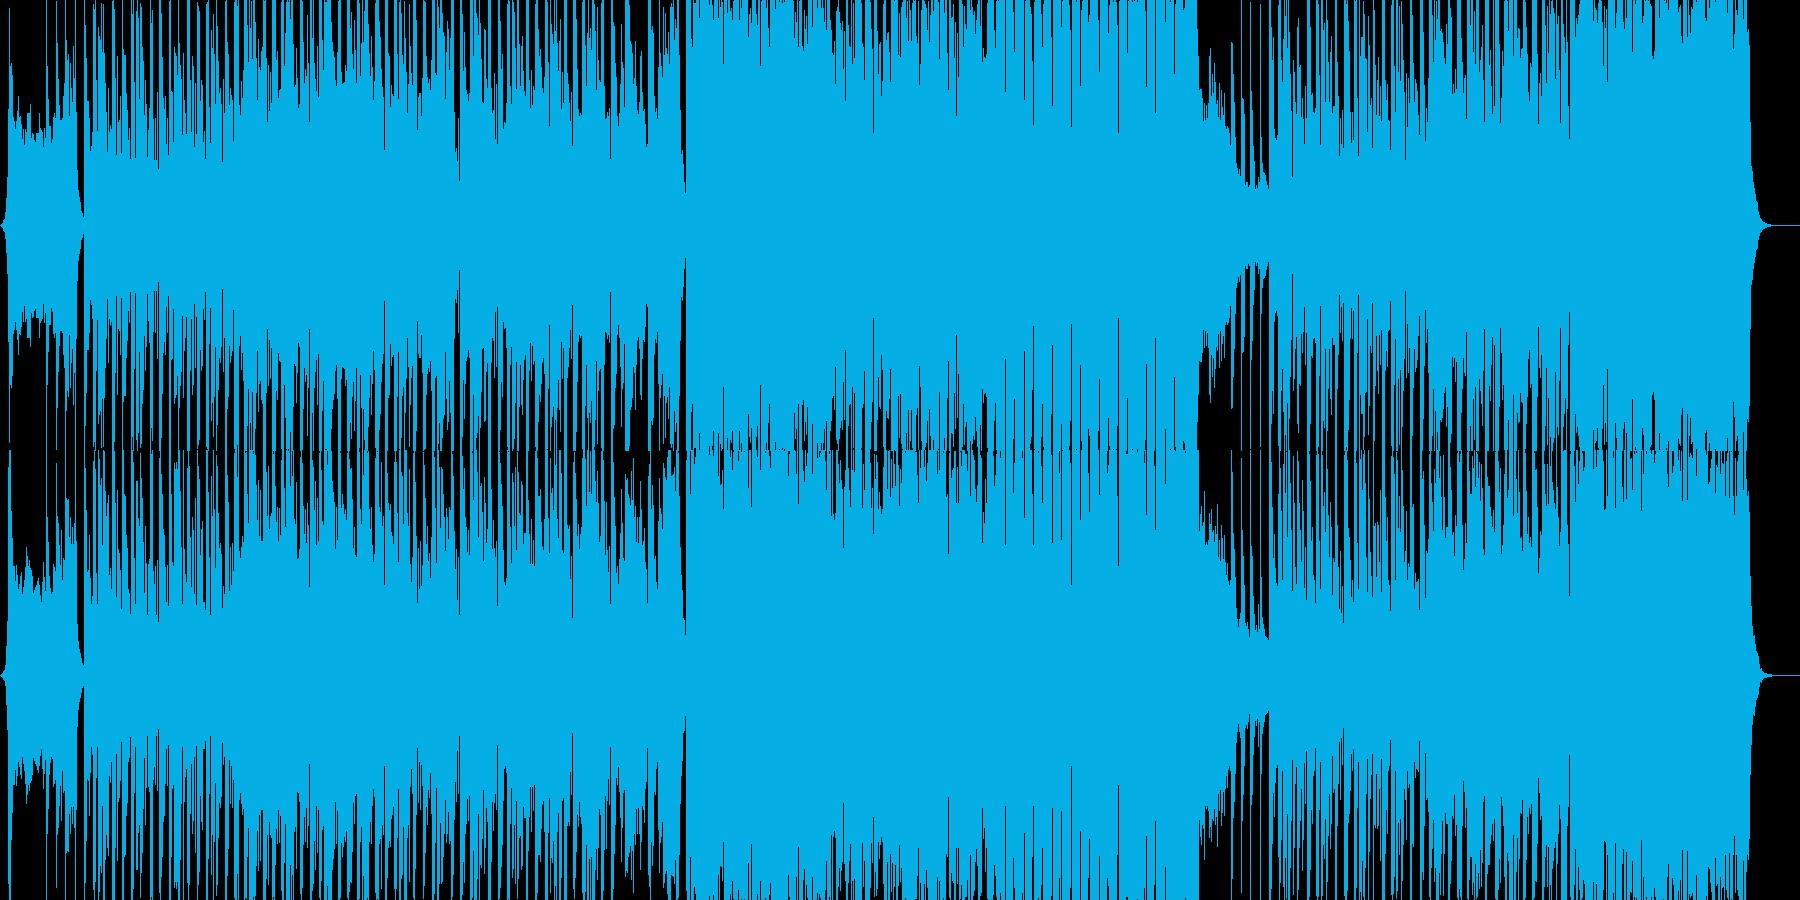 歓喜の歌ベートーベン第九ヒップホップ版の再生済みの波形